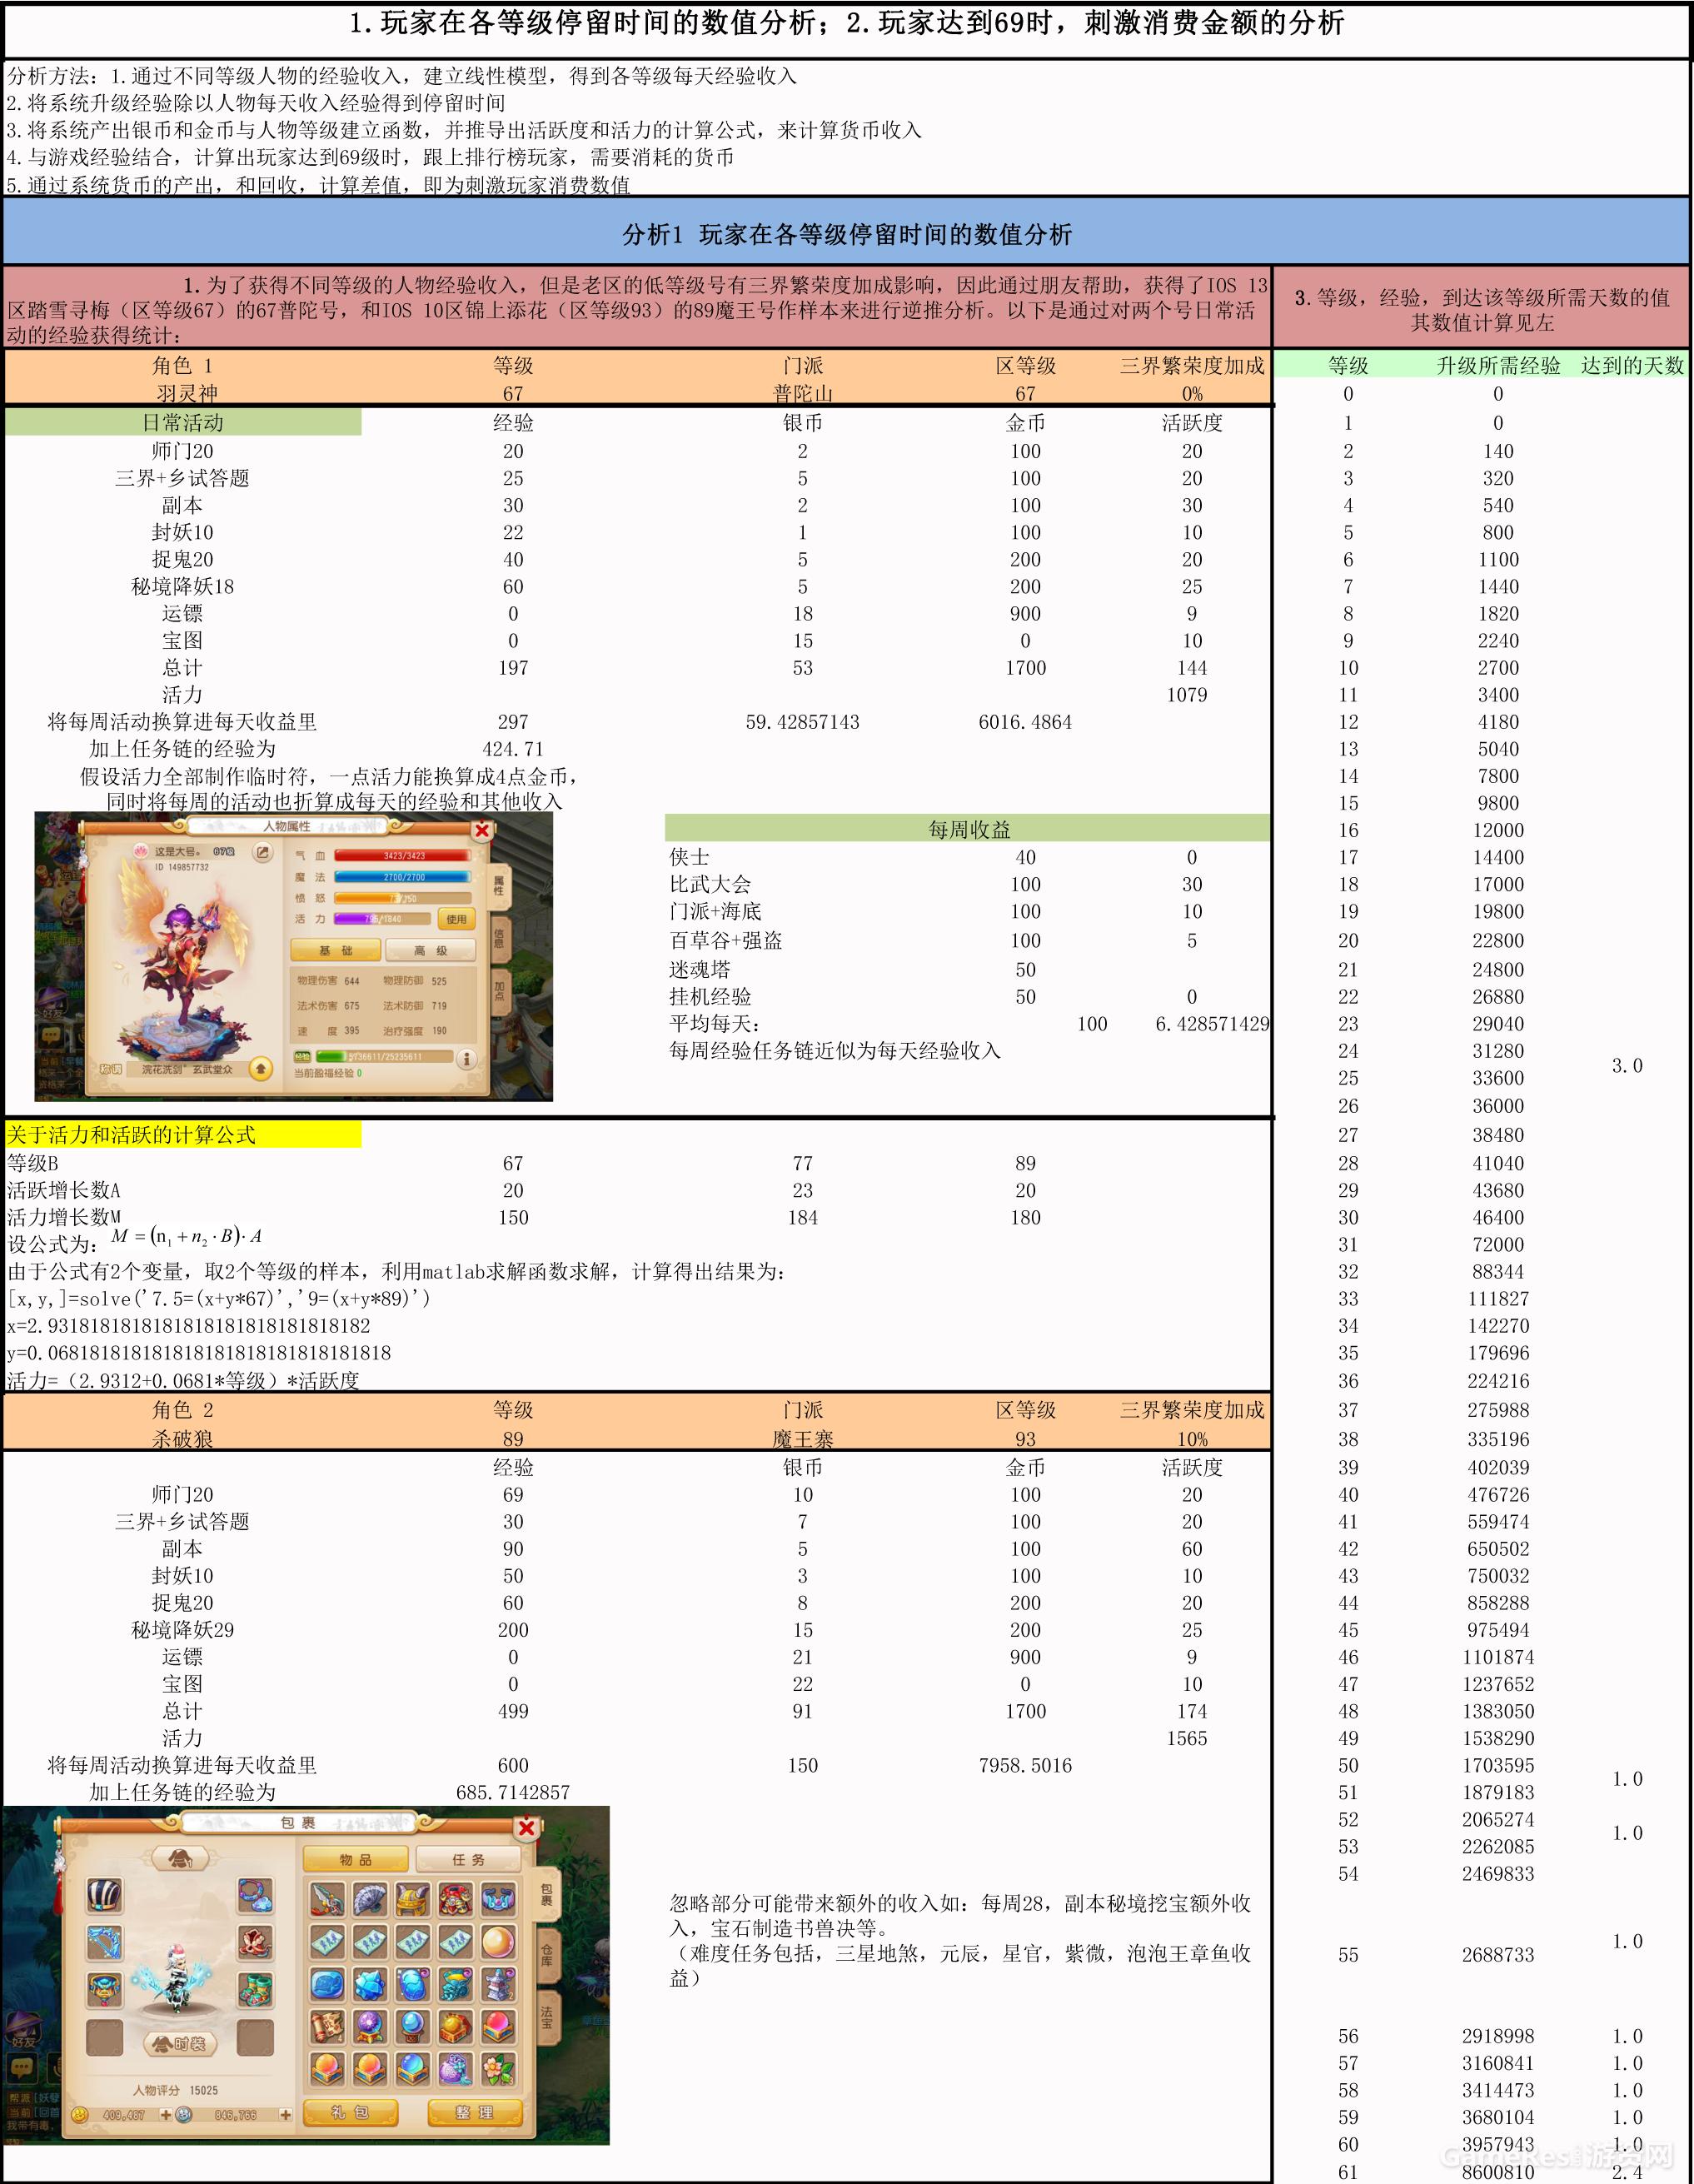 梦幻系统数值分析-1.png